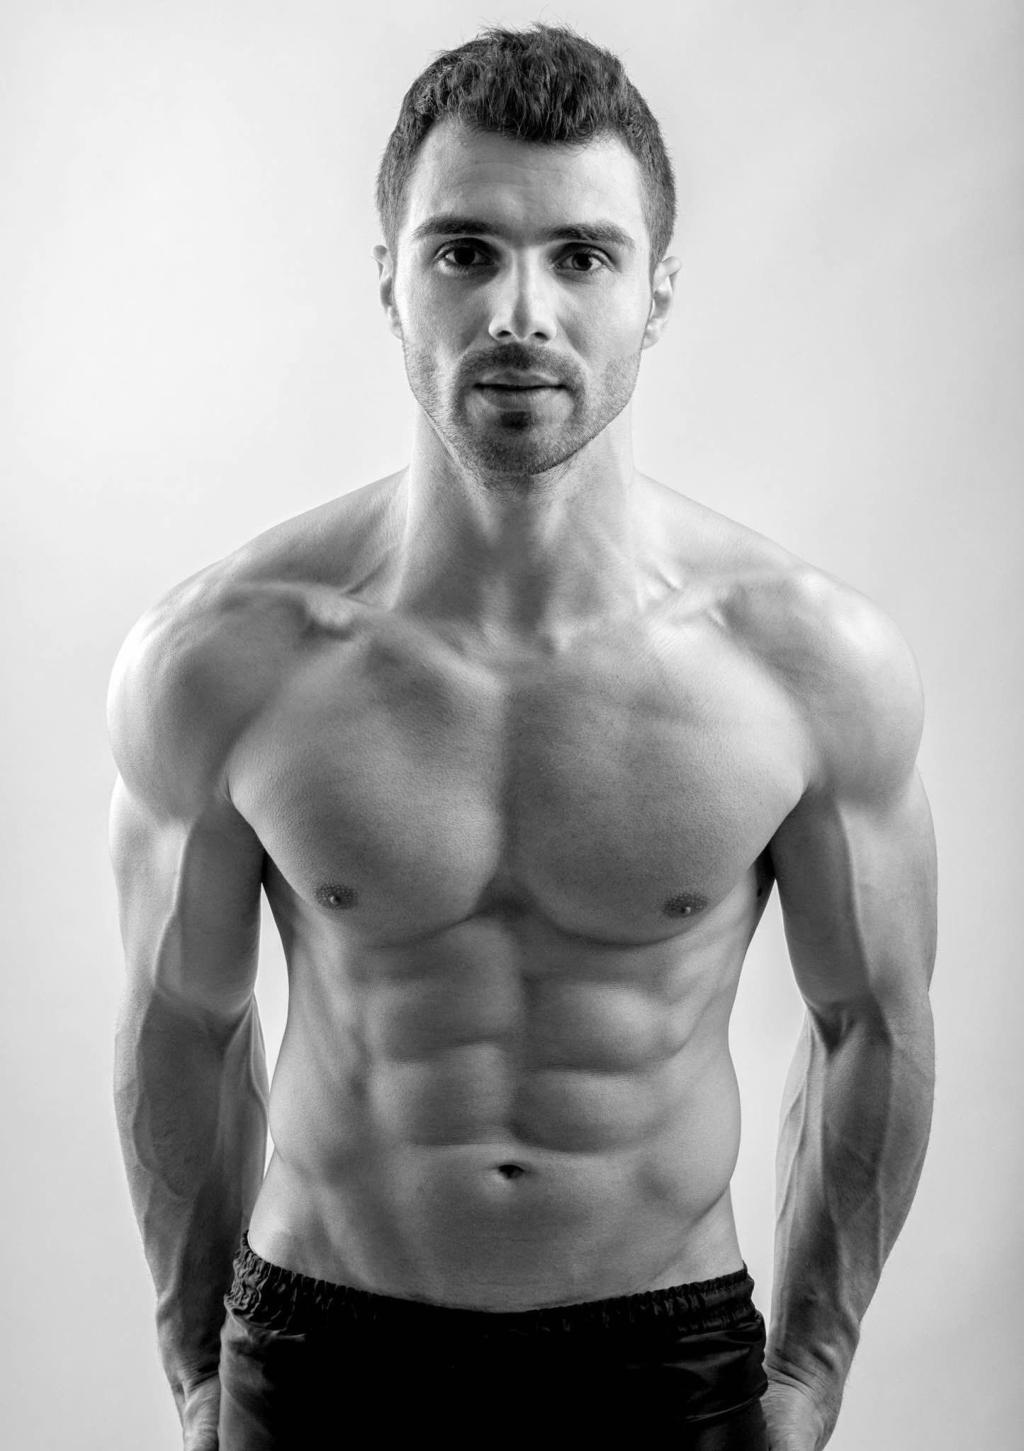 nhs pierdere în greutate aprobat profil pierdere în greutate frisco